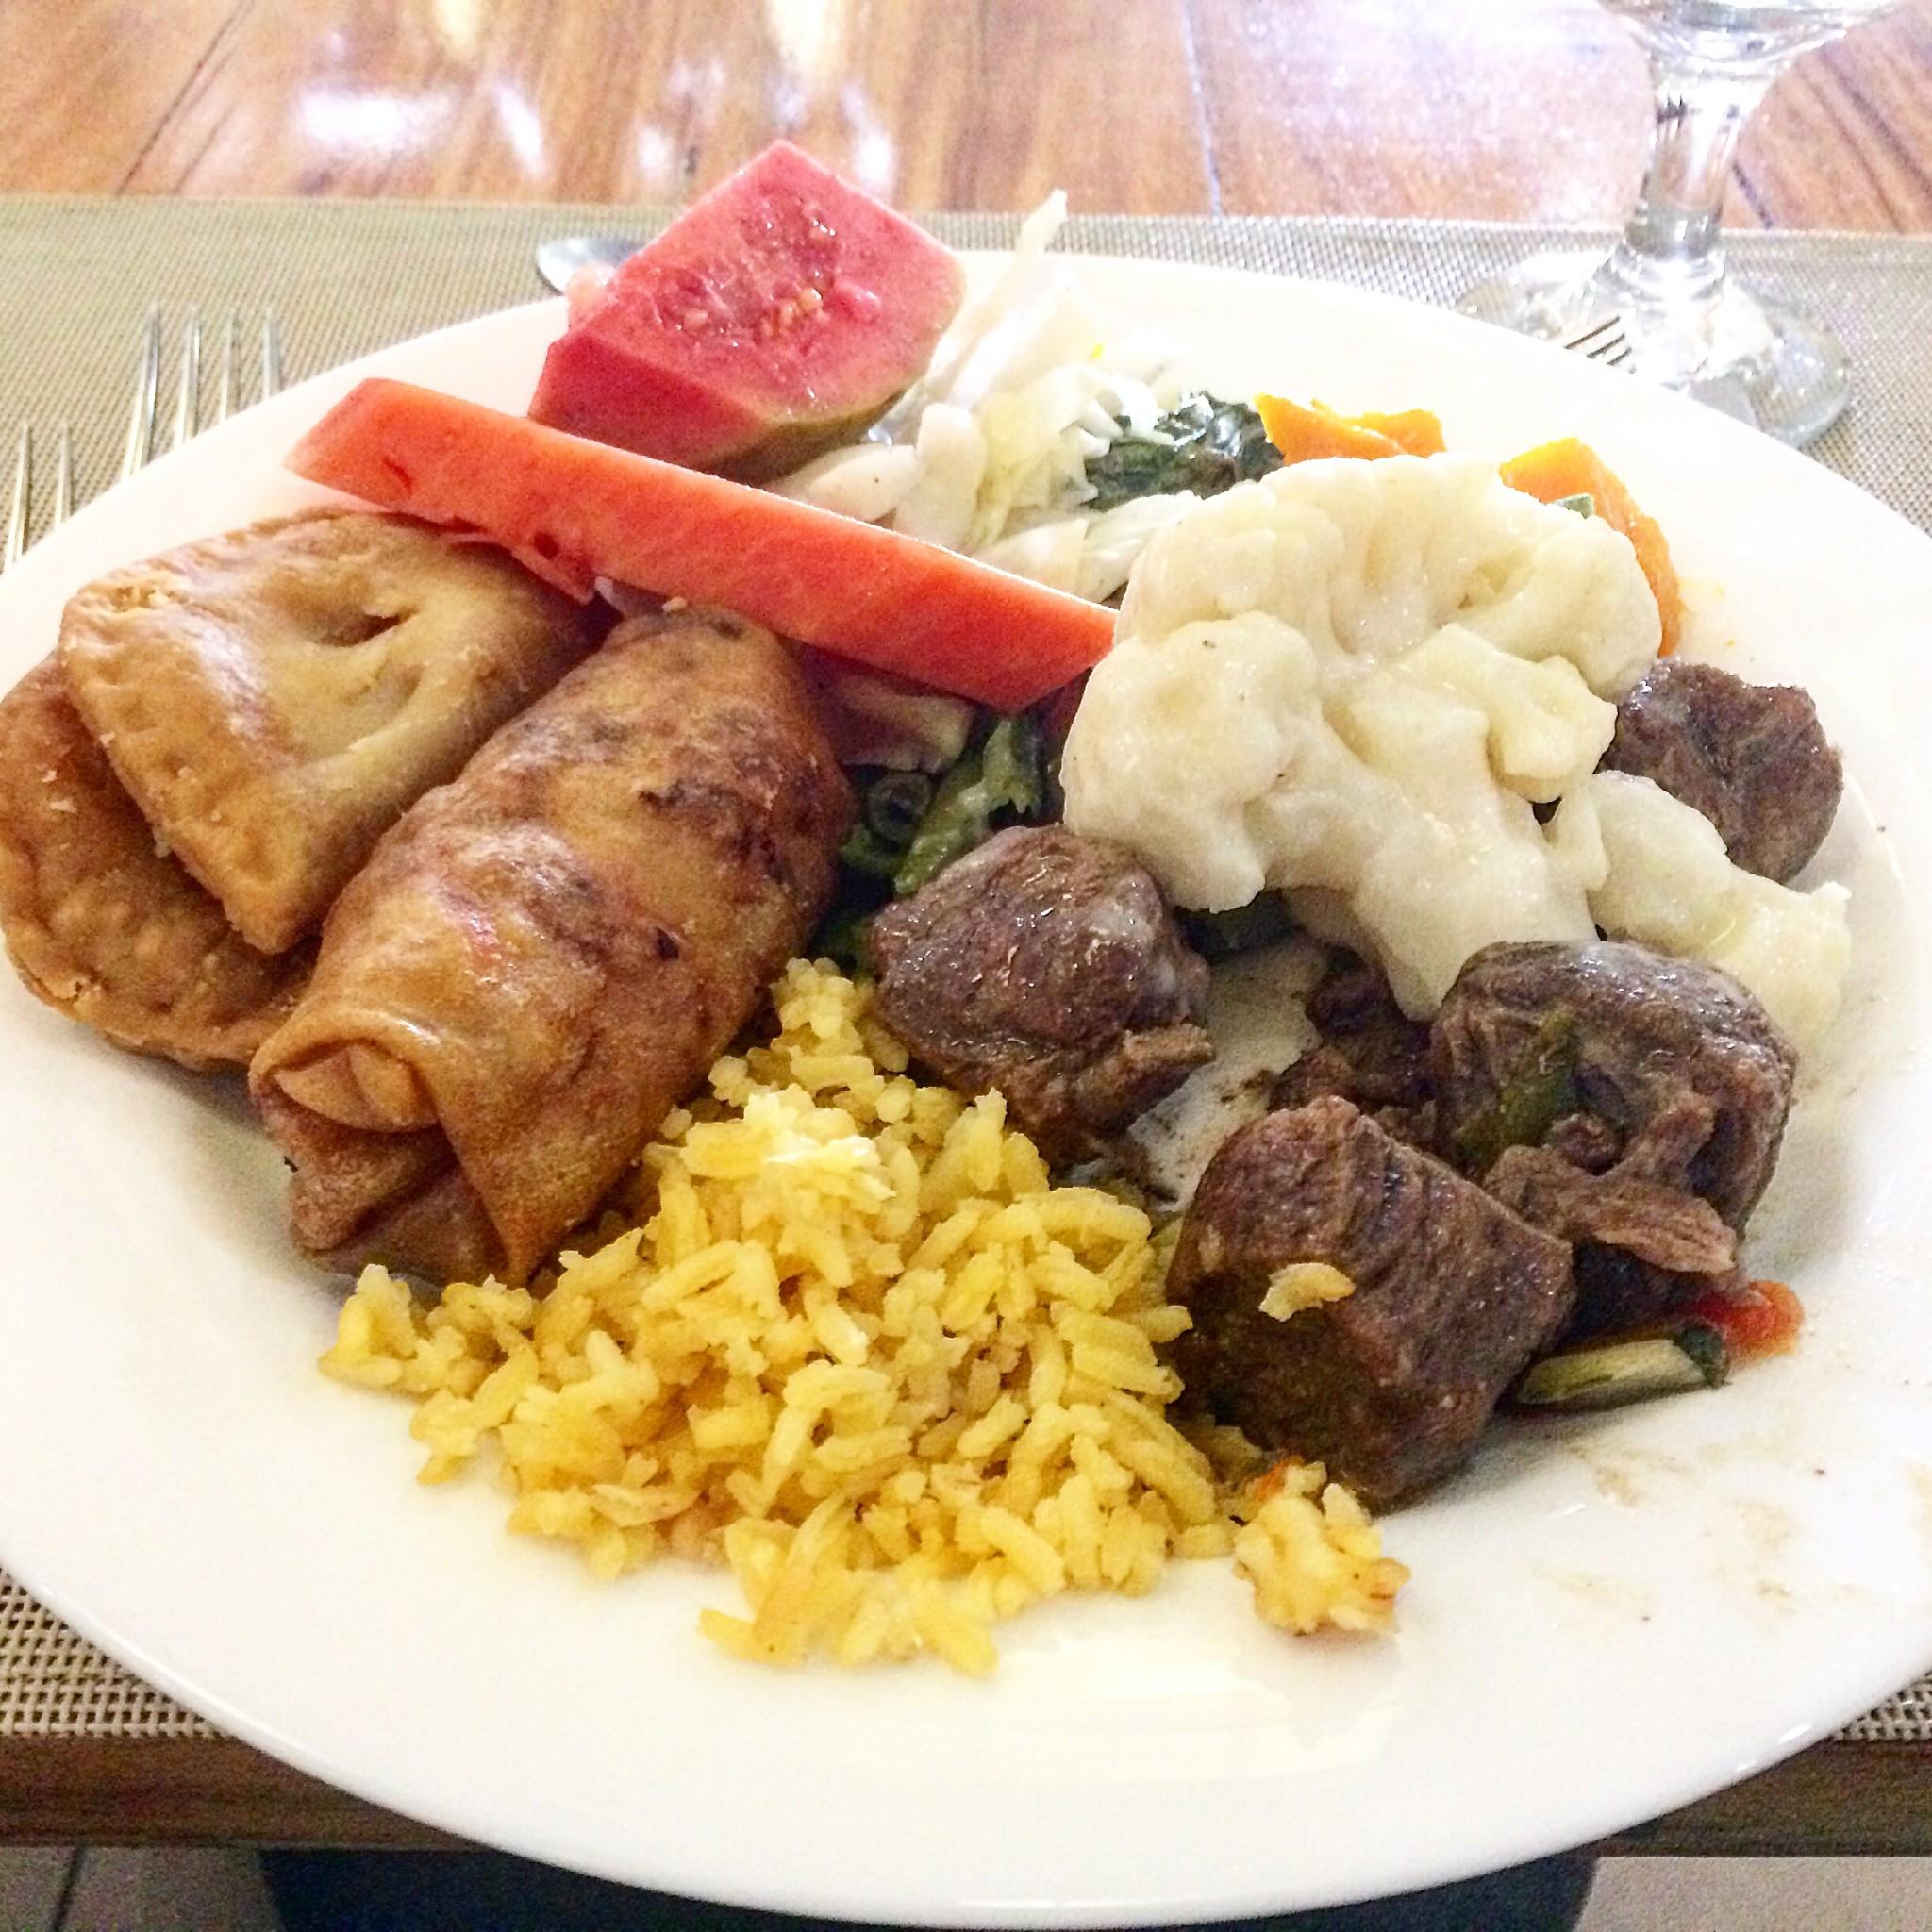 lihaa, riisiä, pasteijoita, kukkakaalia lounaalla Varaderossa